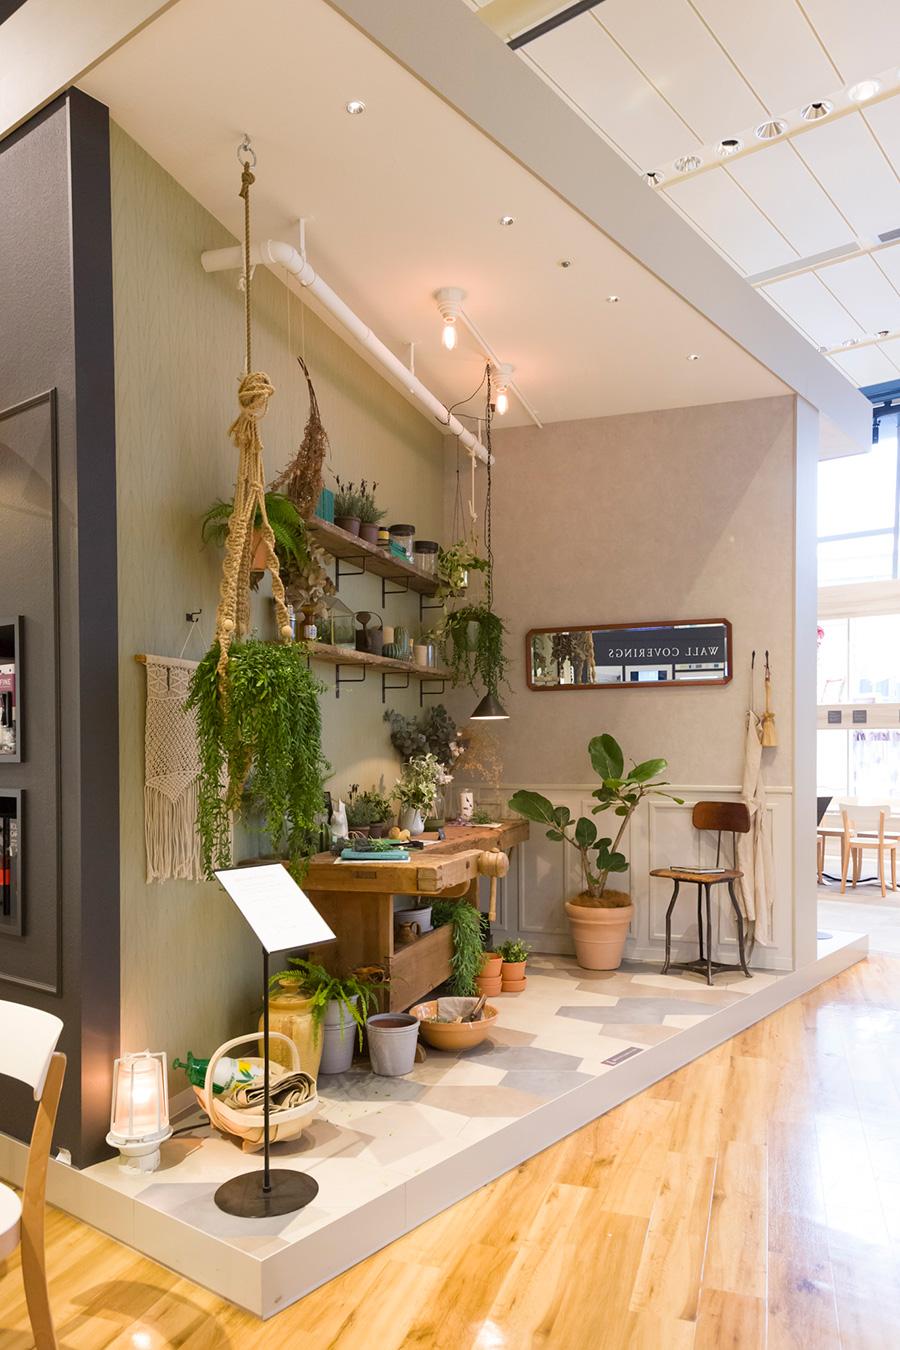 もし植物の世話をする空間を作るならどんな壁紙の組み合わせがよいか……、ショールームには実際の空間をイメージしやすいコーディネイト例が数多く展示されている。